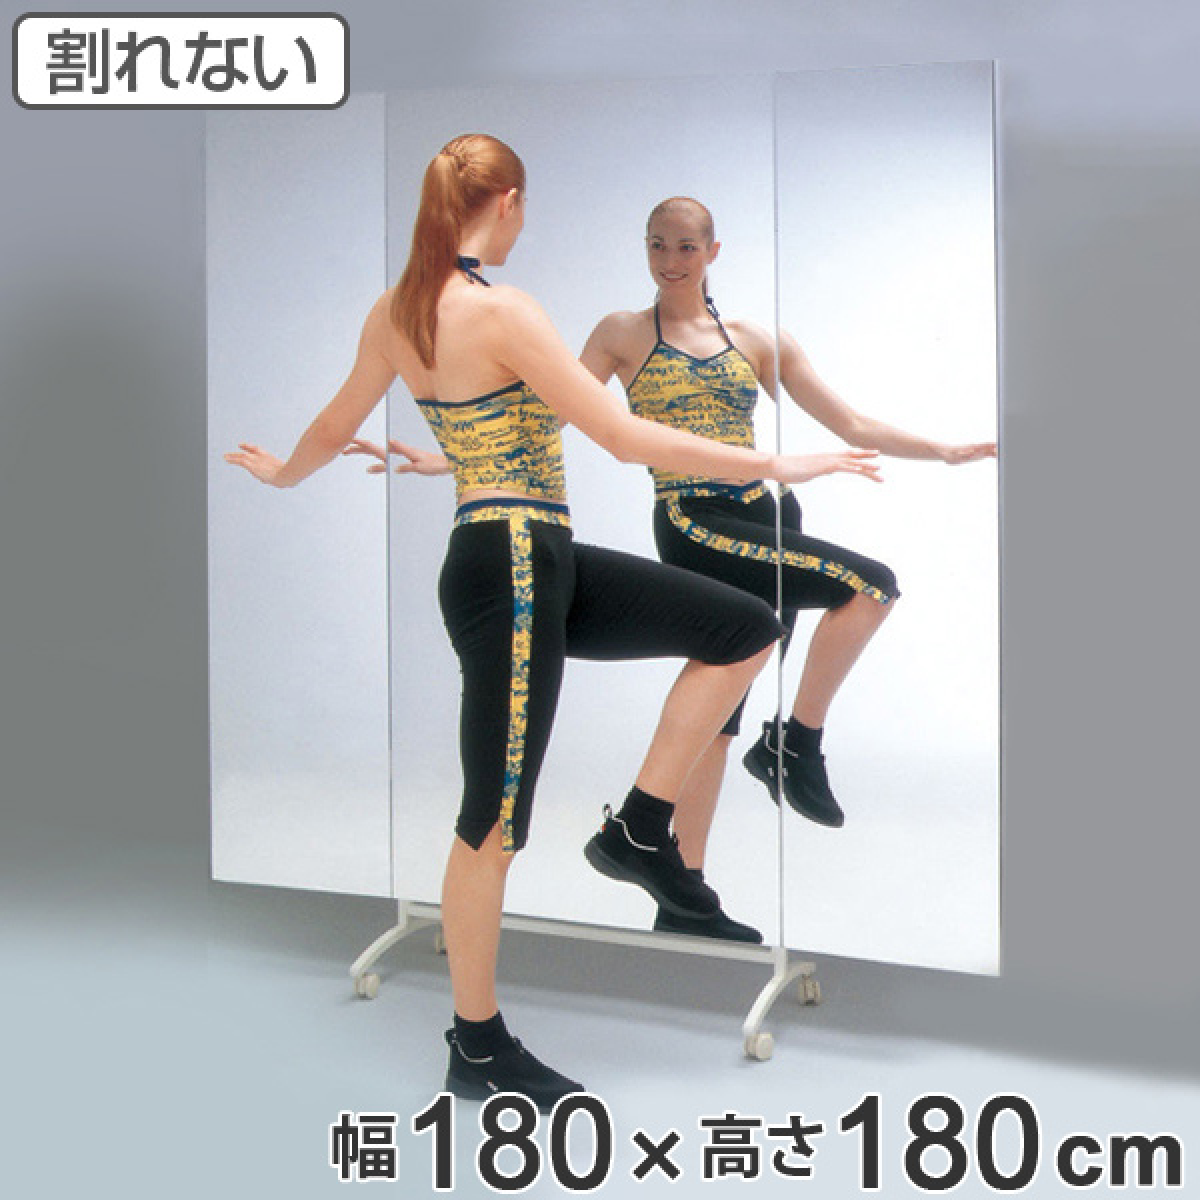 割れない鏡 リフェクスミラー 移動式スポーツミラー 三面鏡タイプ Rタイプ 姿見 ミラー フィルムミラー Refex 180cm×180cm ( 送料無料 鏡 全身 スタンドミラー かがみ カガミ 3面 全身ミラー 割れないミラー キャスター 大きい )